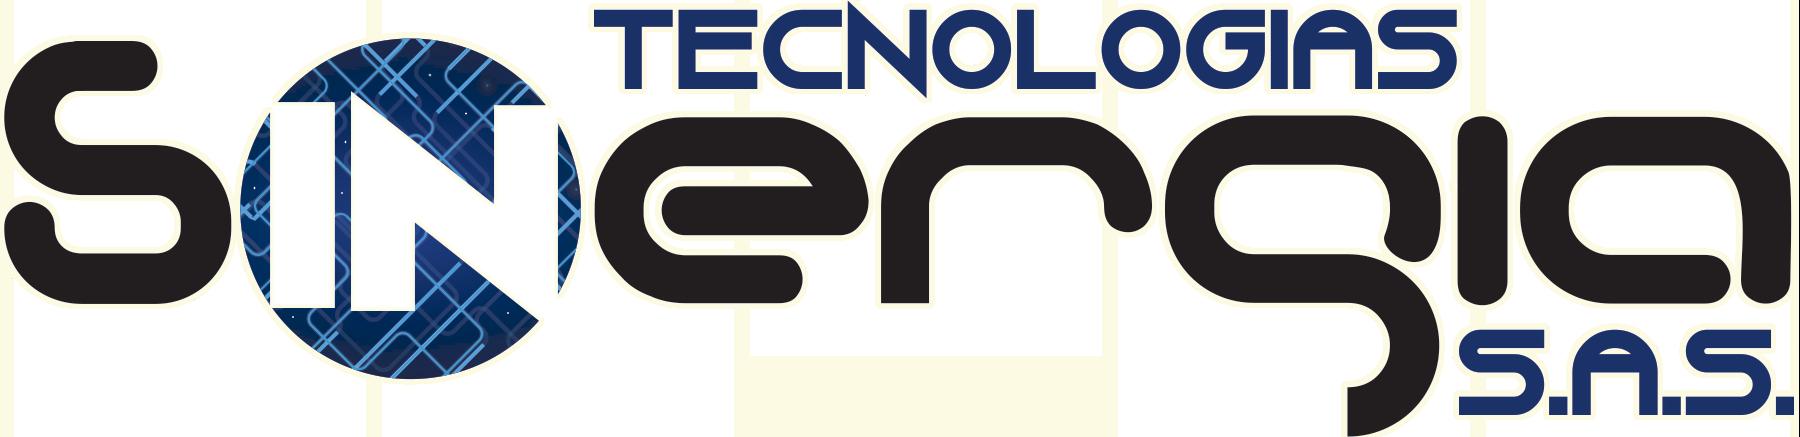 tecnologias sinergia sas